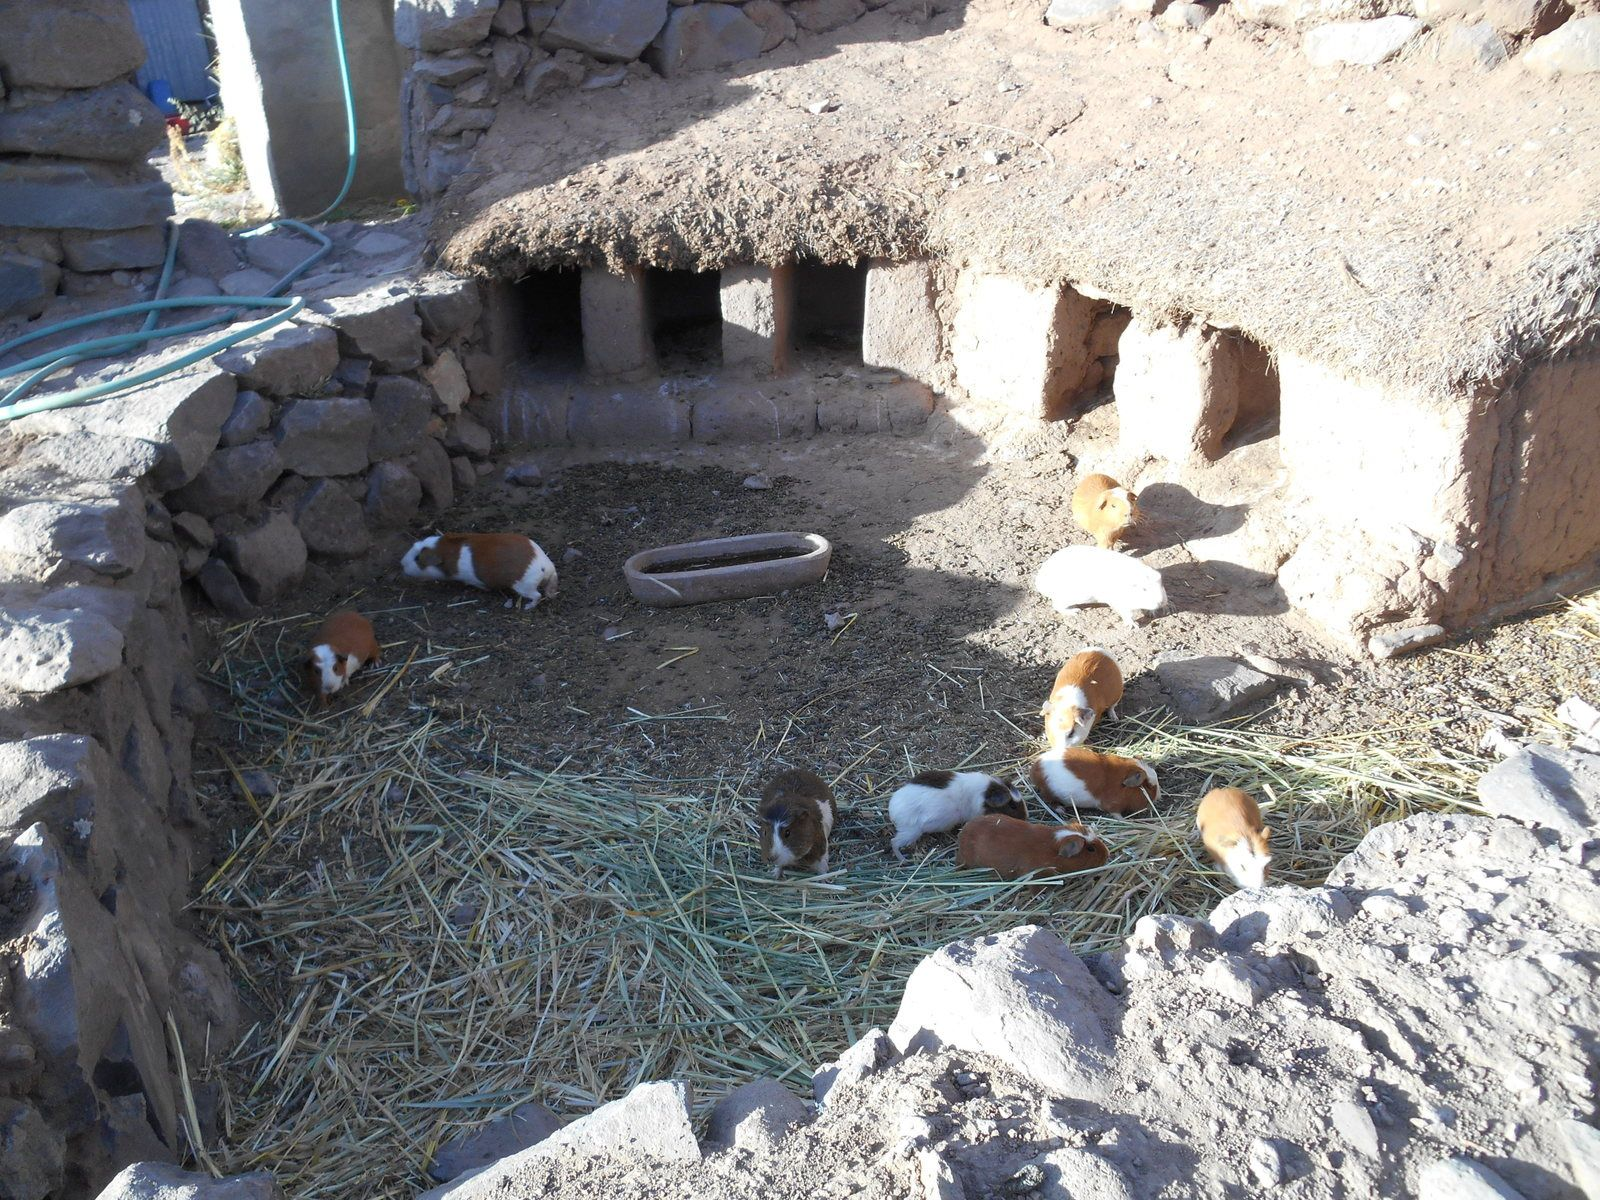 Elevage de cochons d'Inde qui seront cuisinés lors de fêtes, cérémonies religieuses...